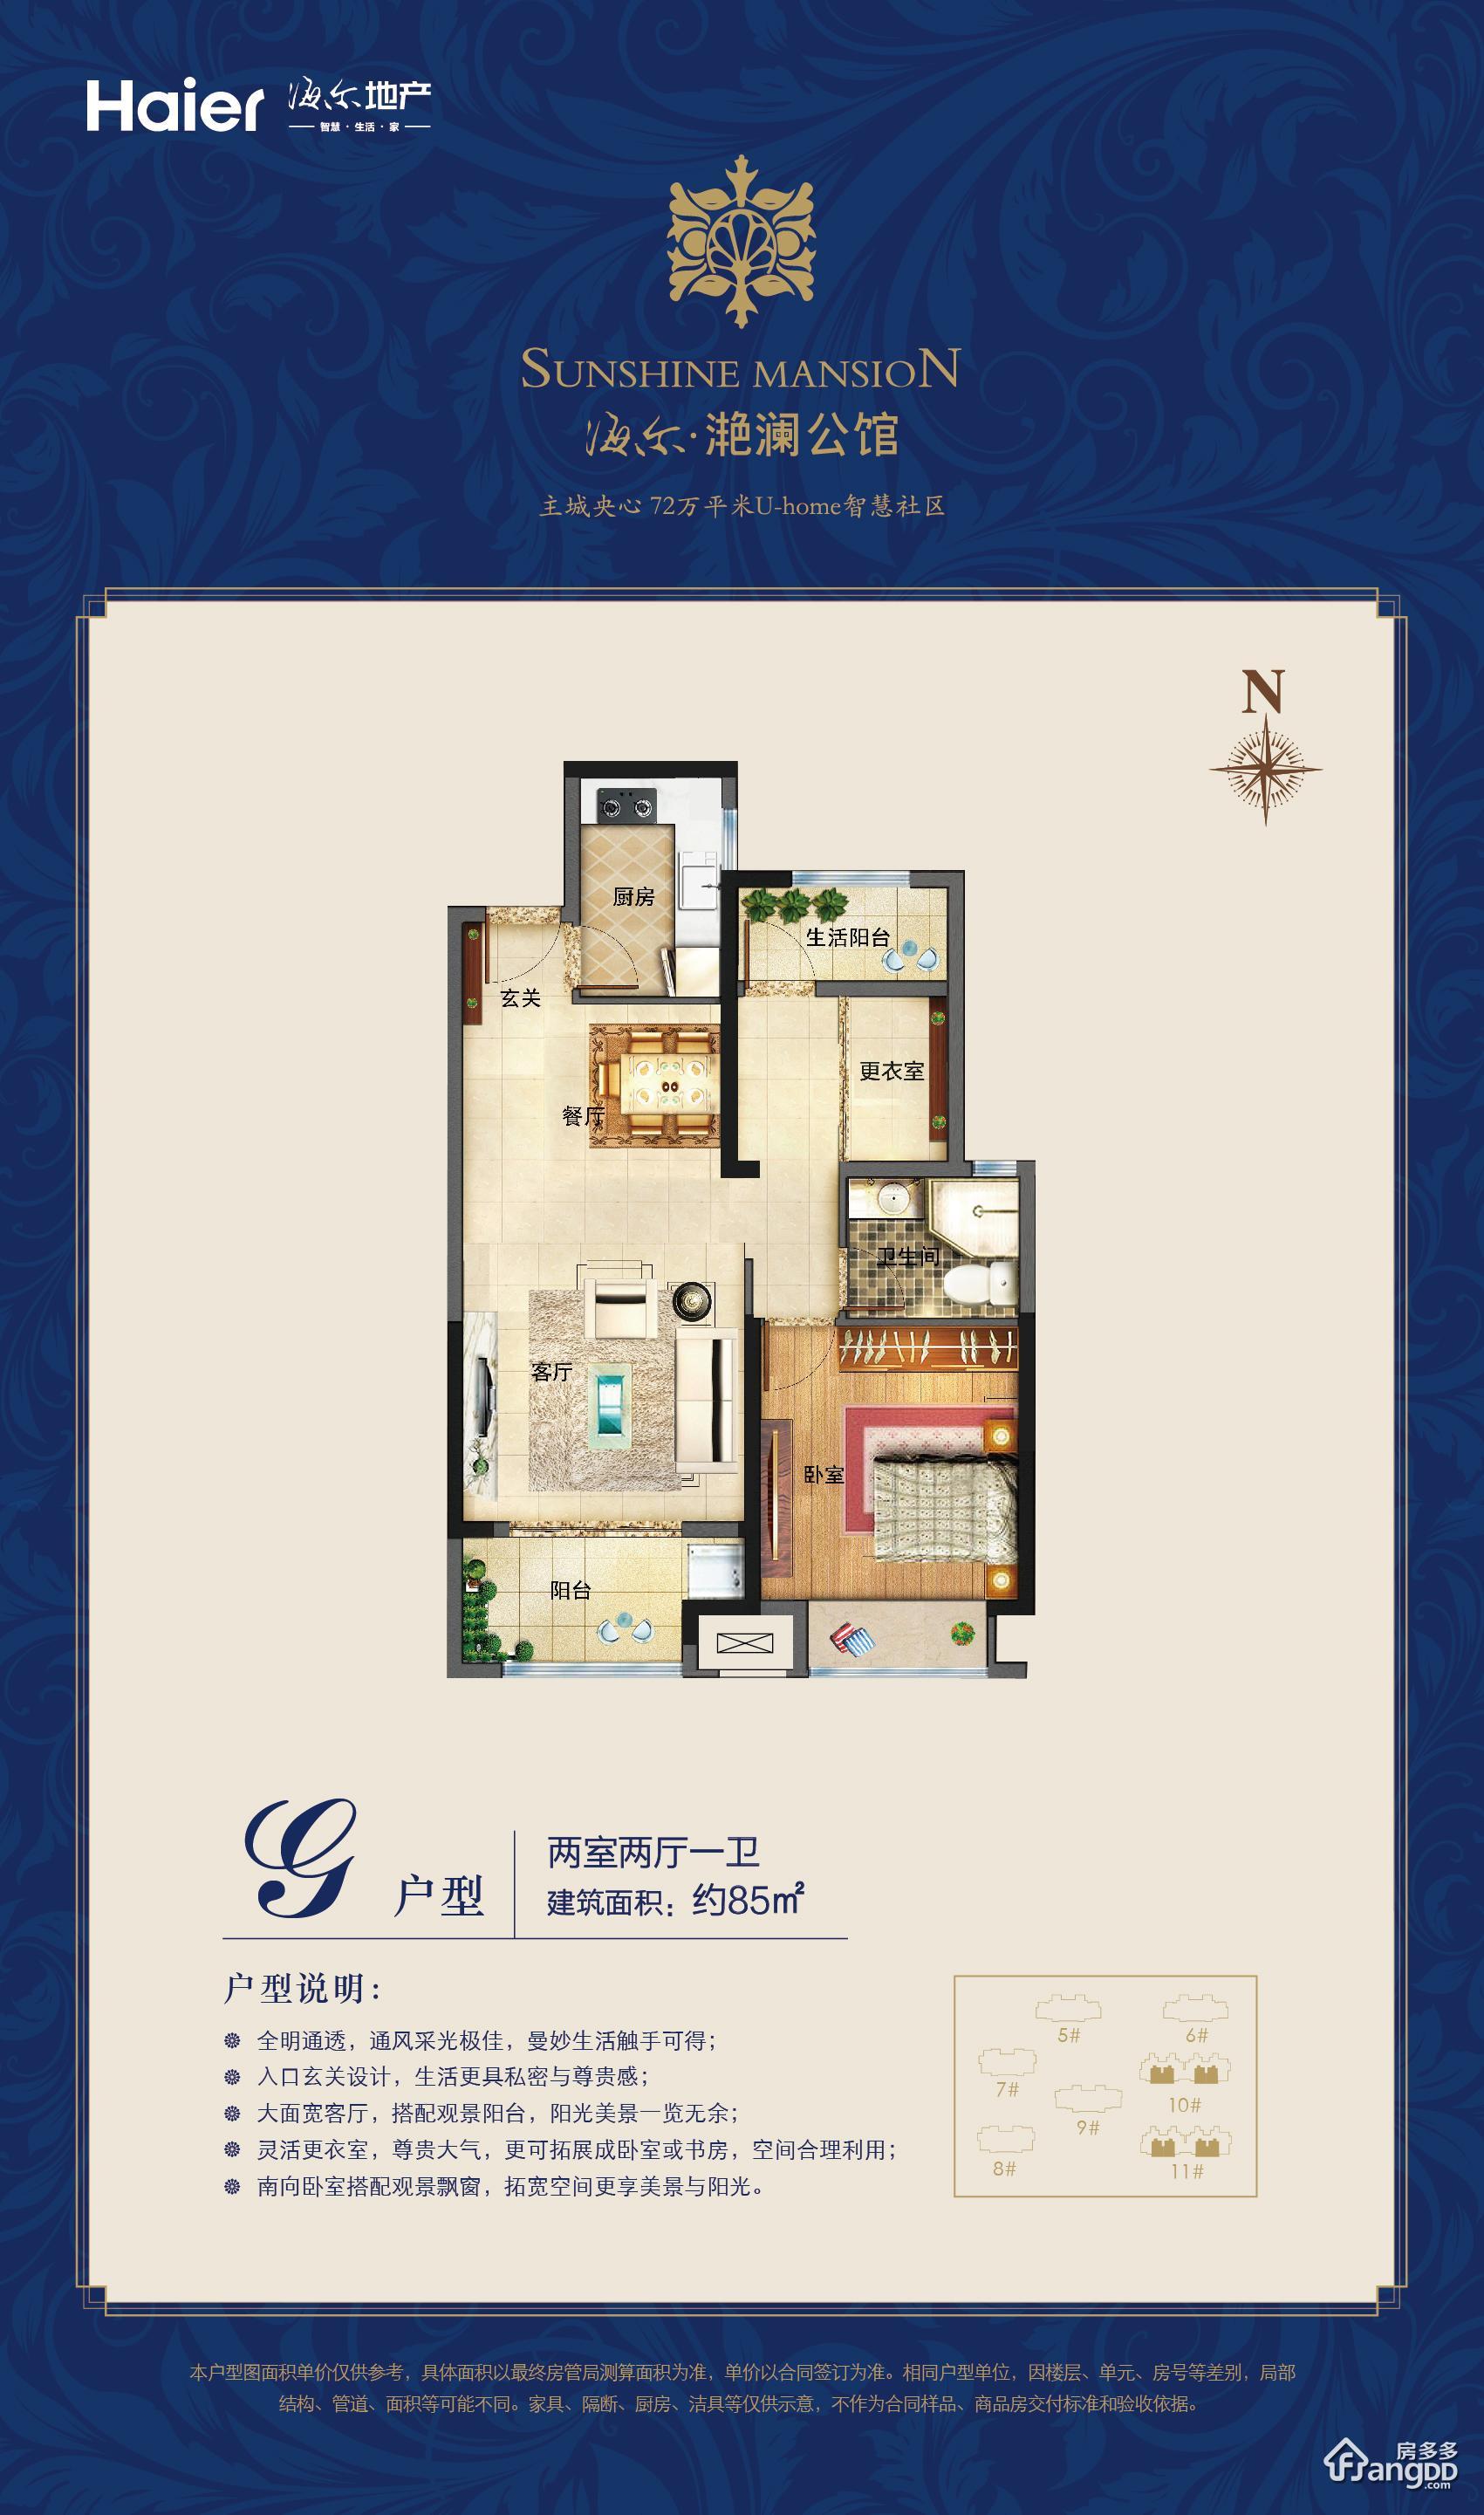 海尔·滟澜公馆2室2厅1卫户型图